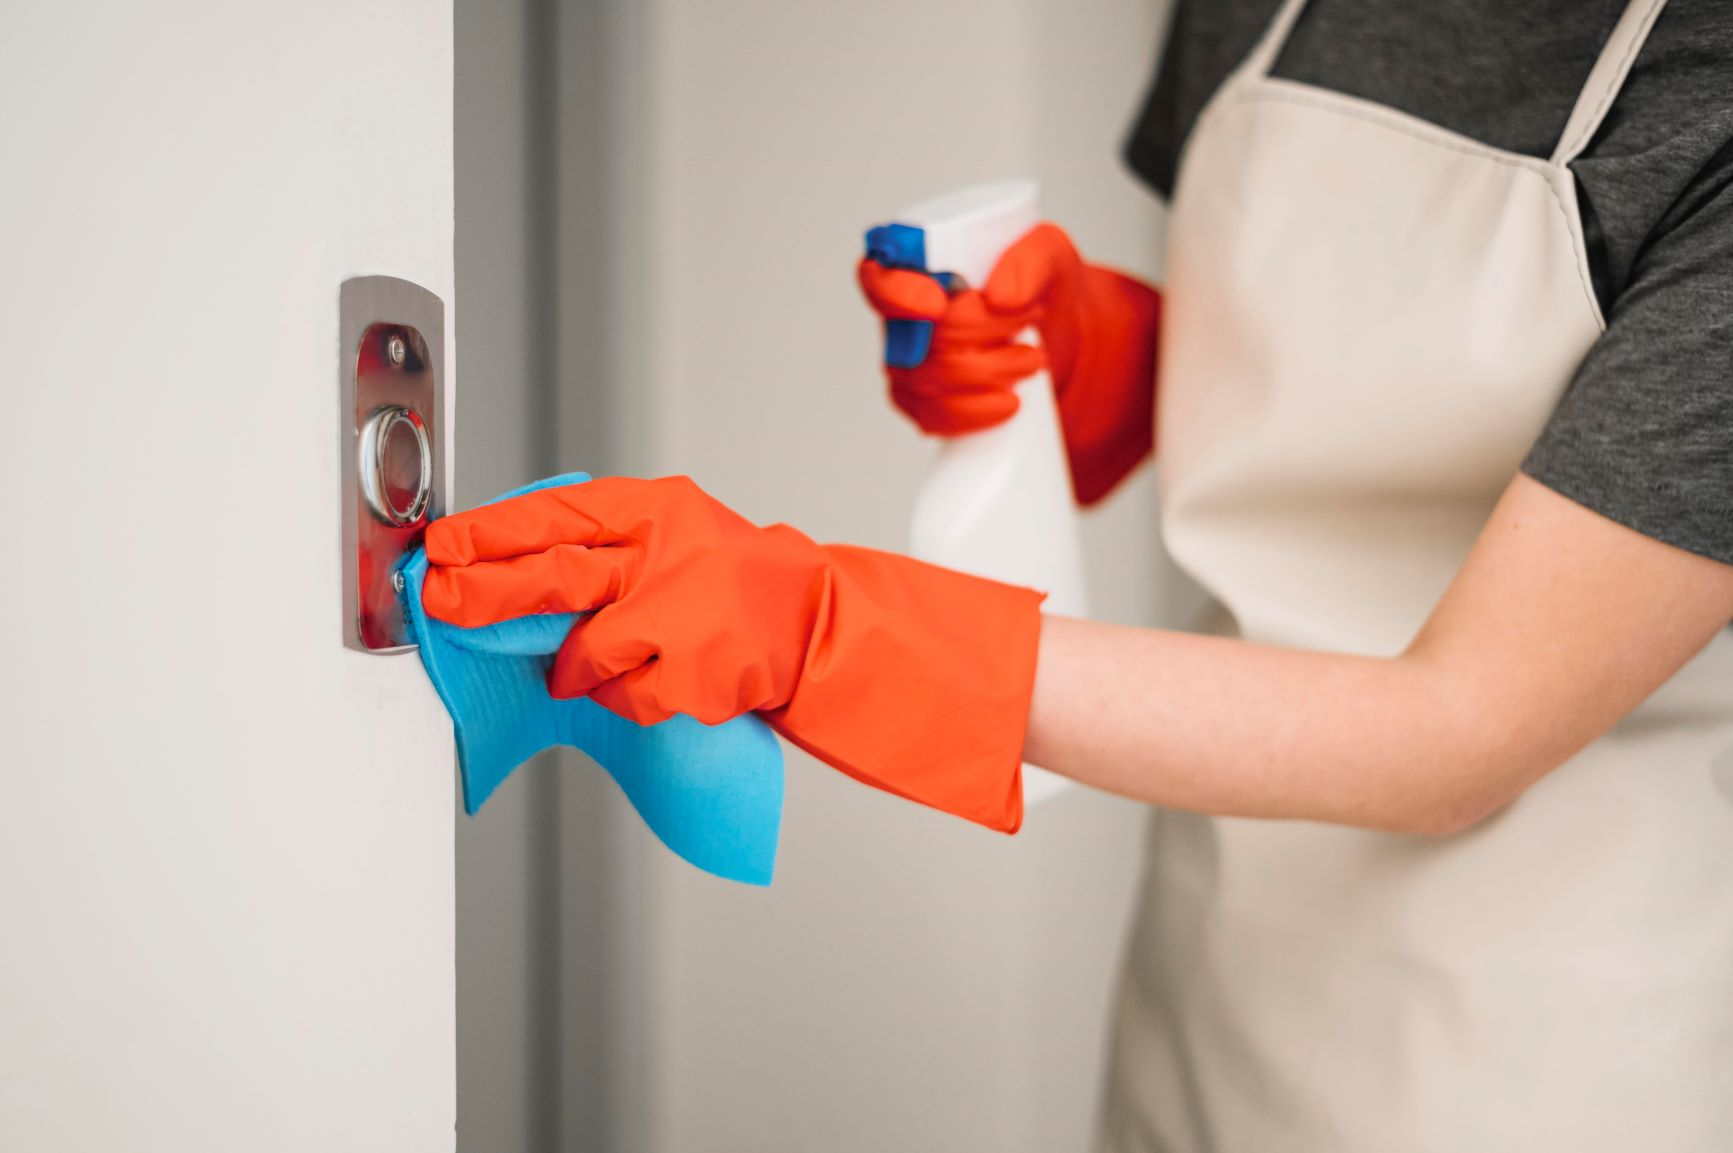 Como estão os processos de higienização e padronização da sua empresa?